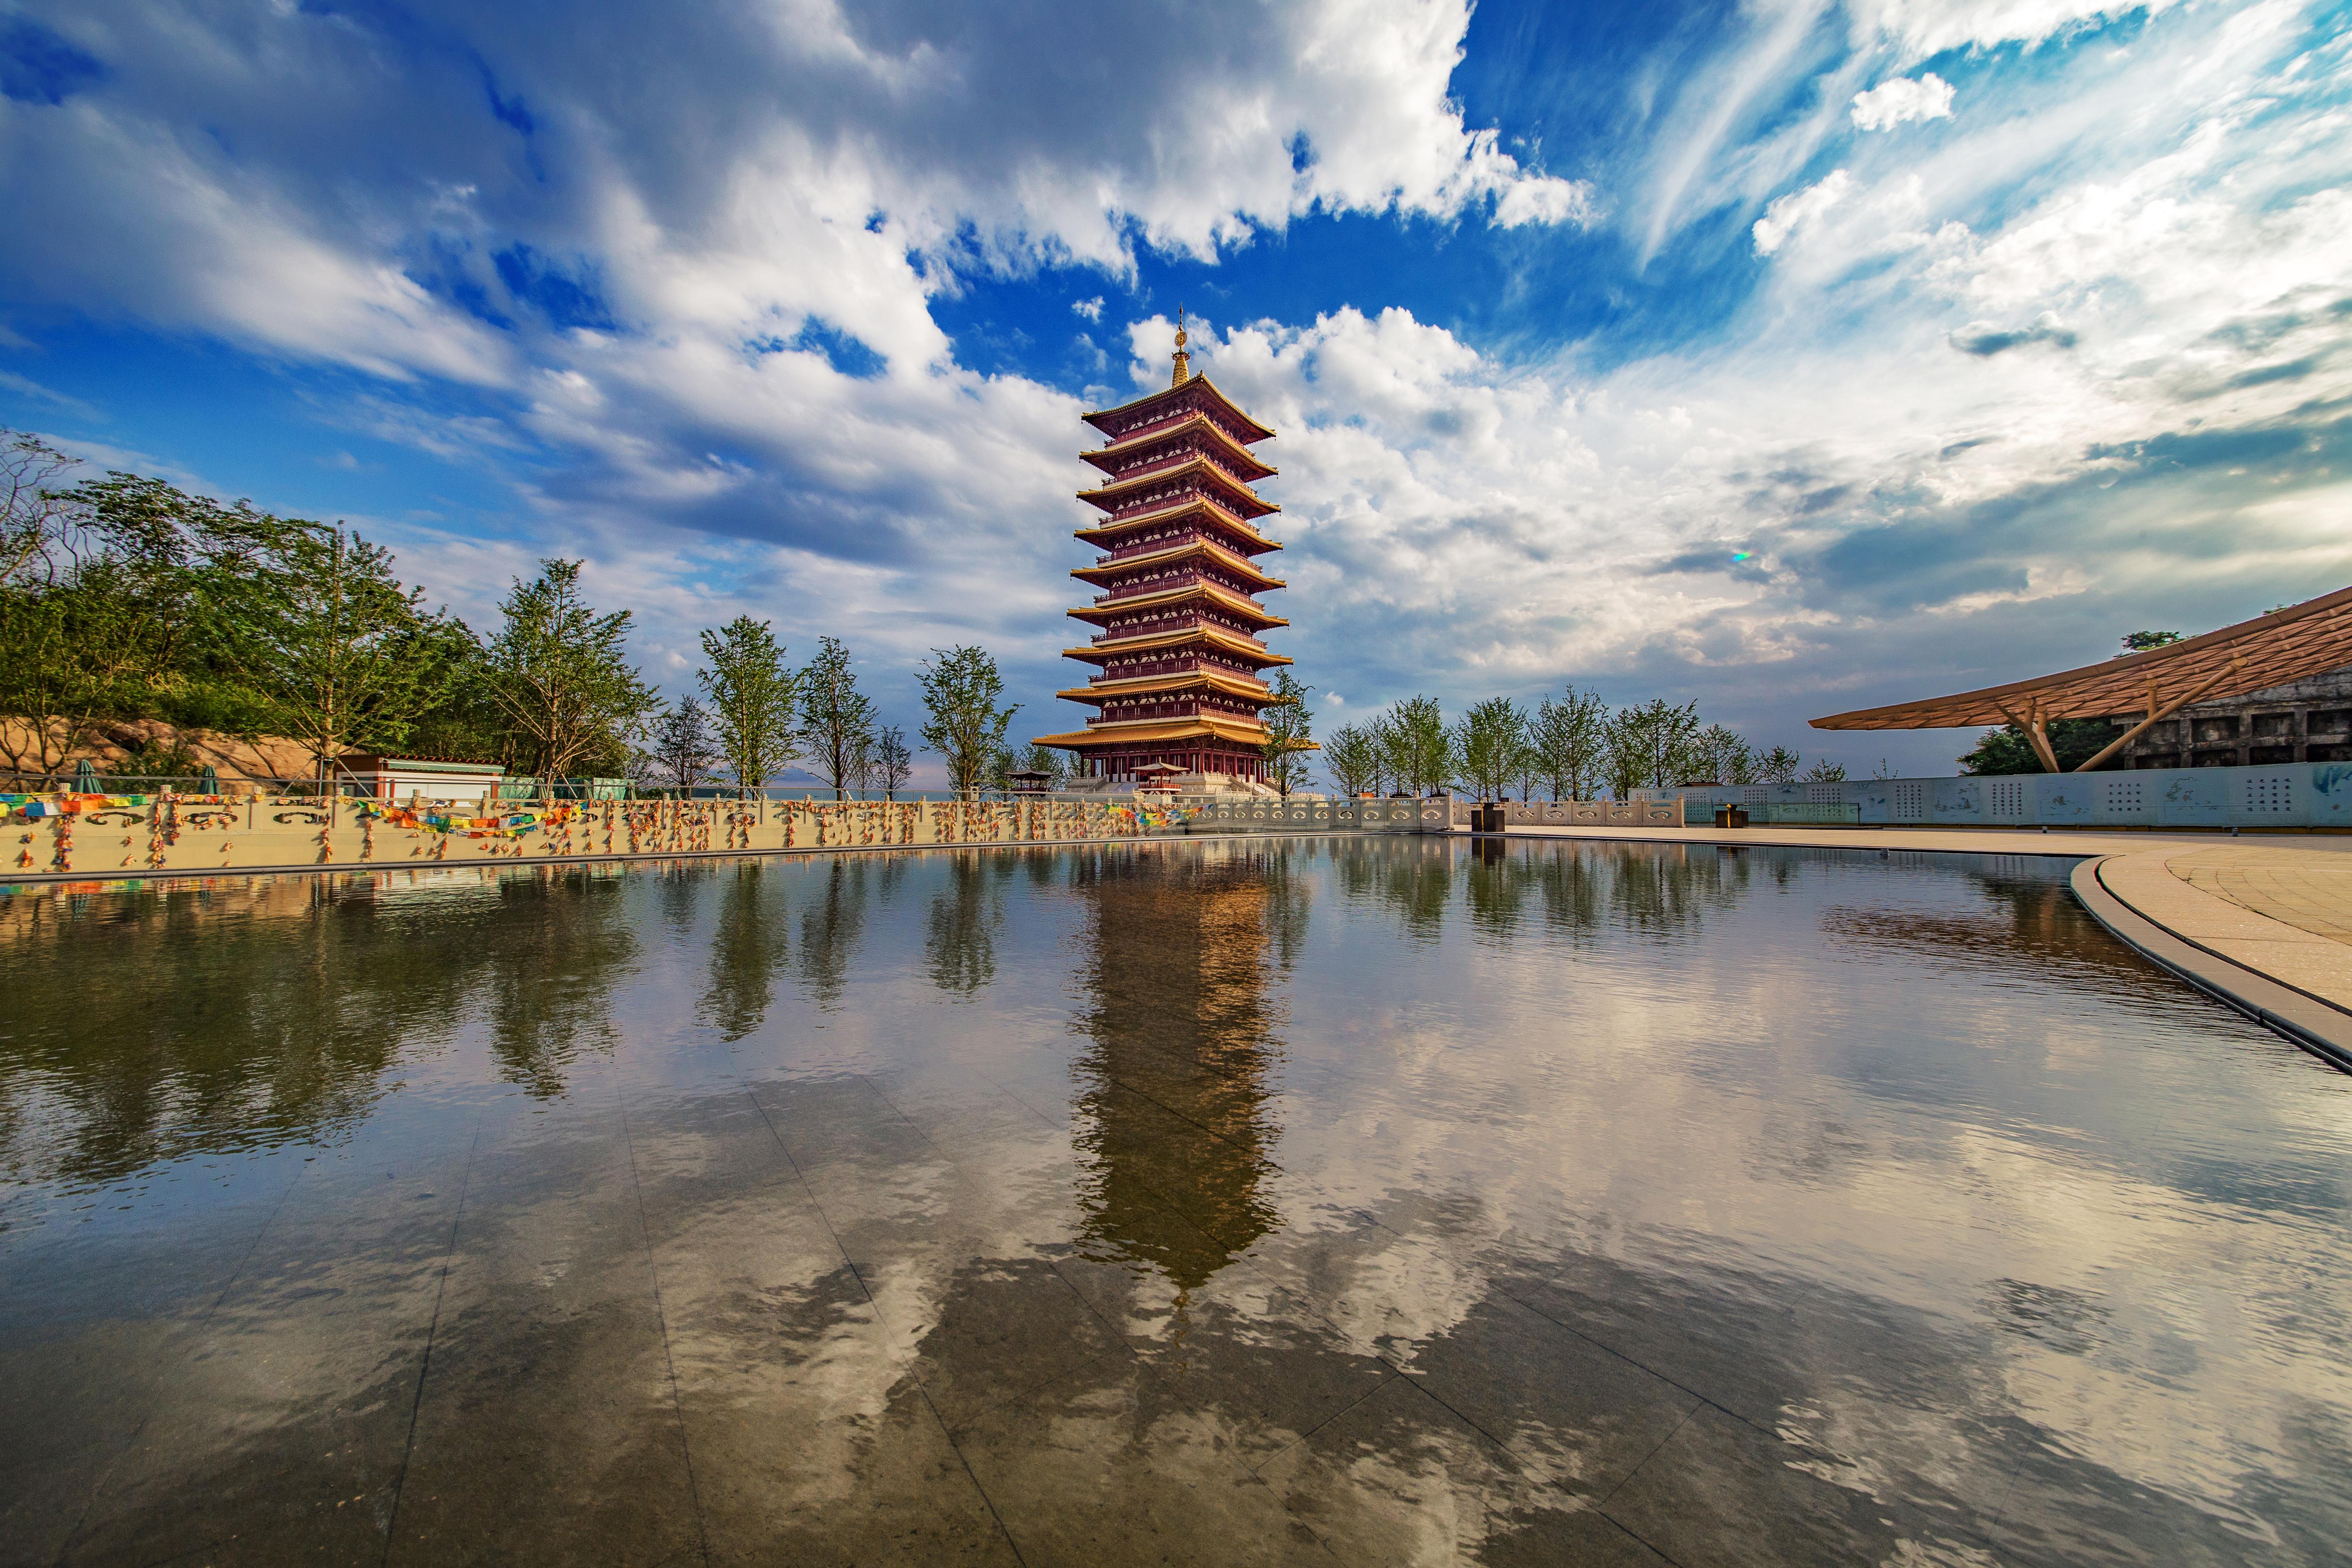 Niushou Mountain Cultural Tourism Zone Nanjing Ticket